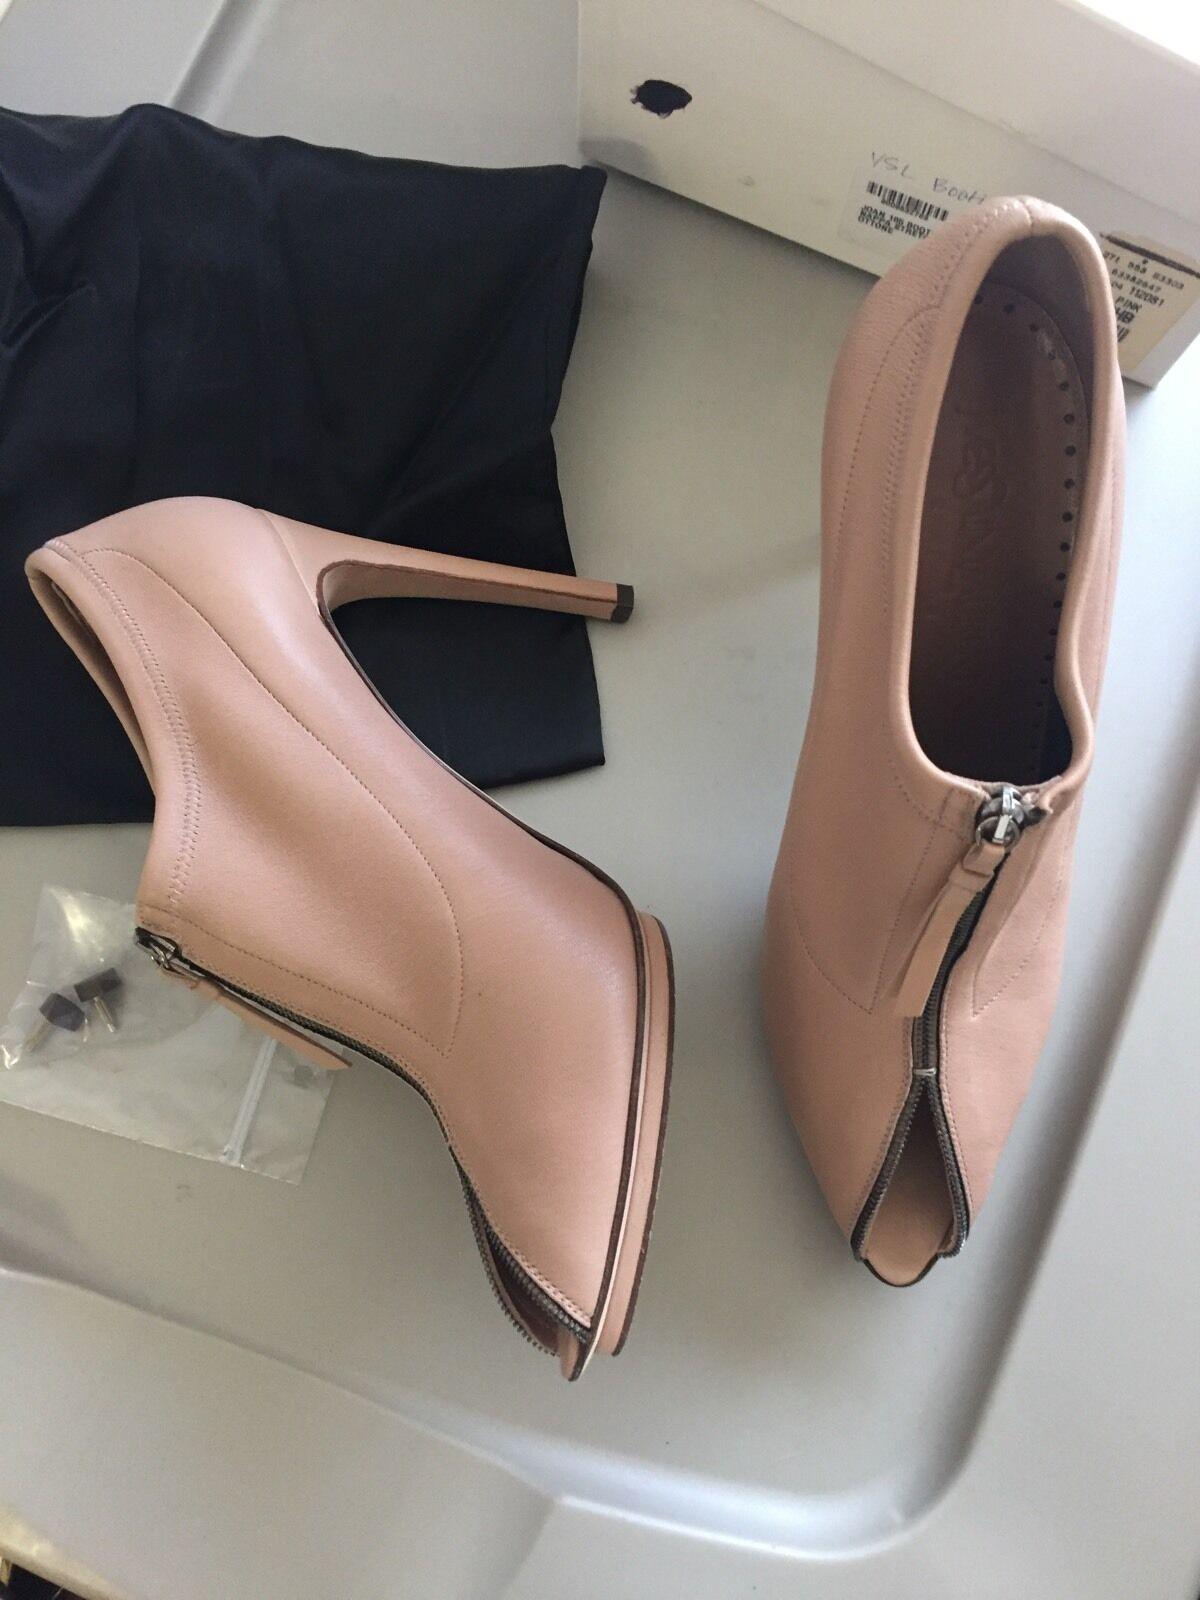 100% autentico YSL Blush Nude Nude Nude rosa Stretch Leather Joan avvioie Heels Zip Peep Toe 39.5  550  fornire un prodotto di qualità